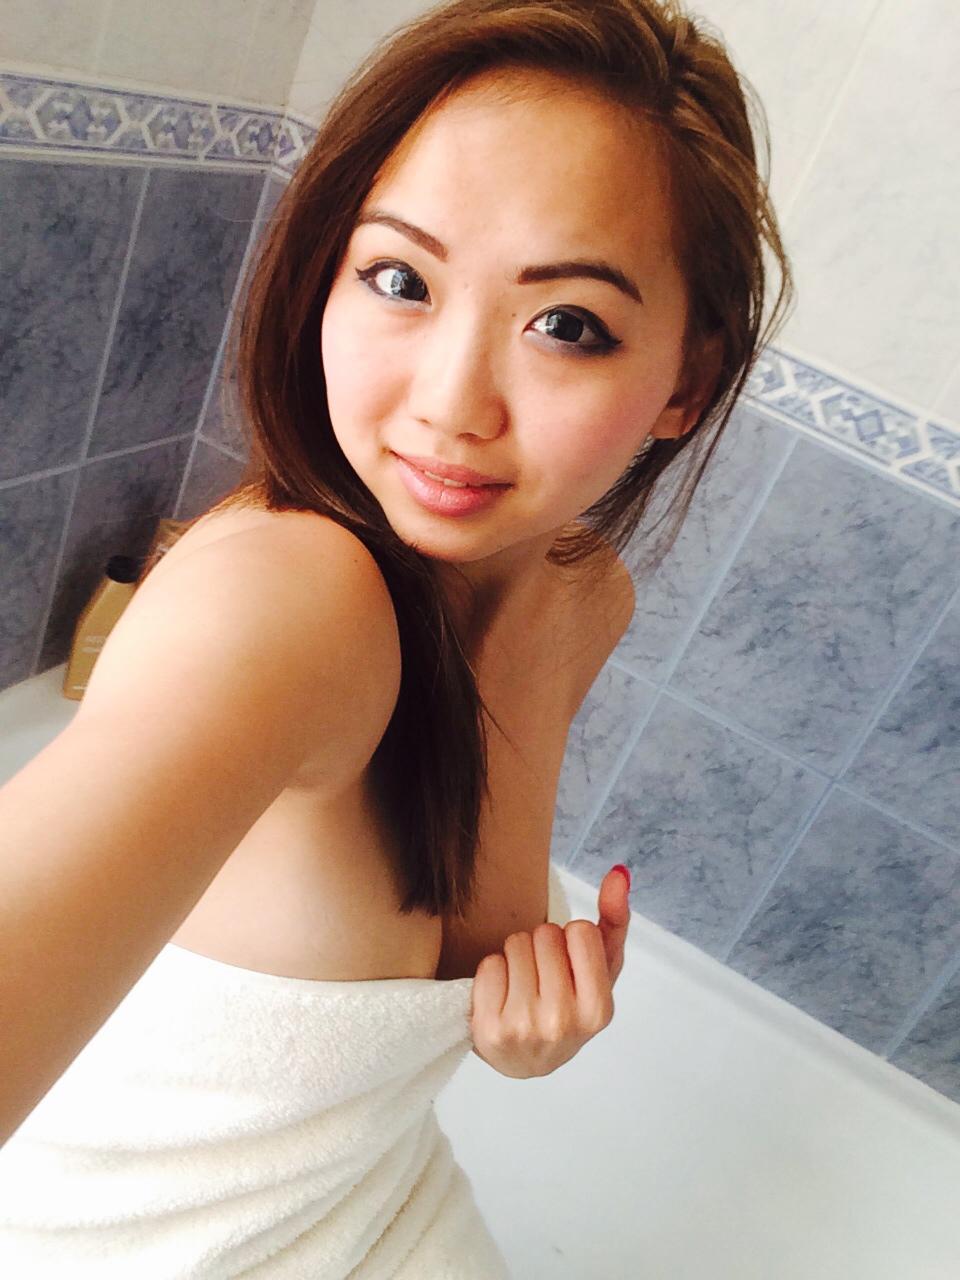 harriet sugar cookie naked shower selfies